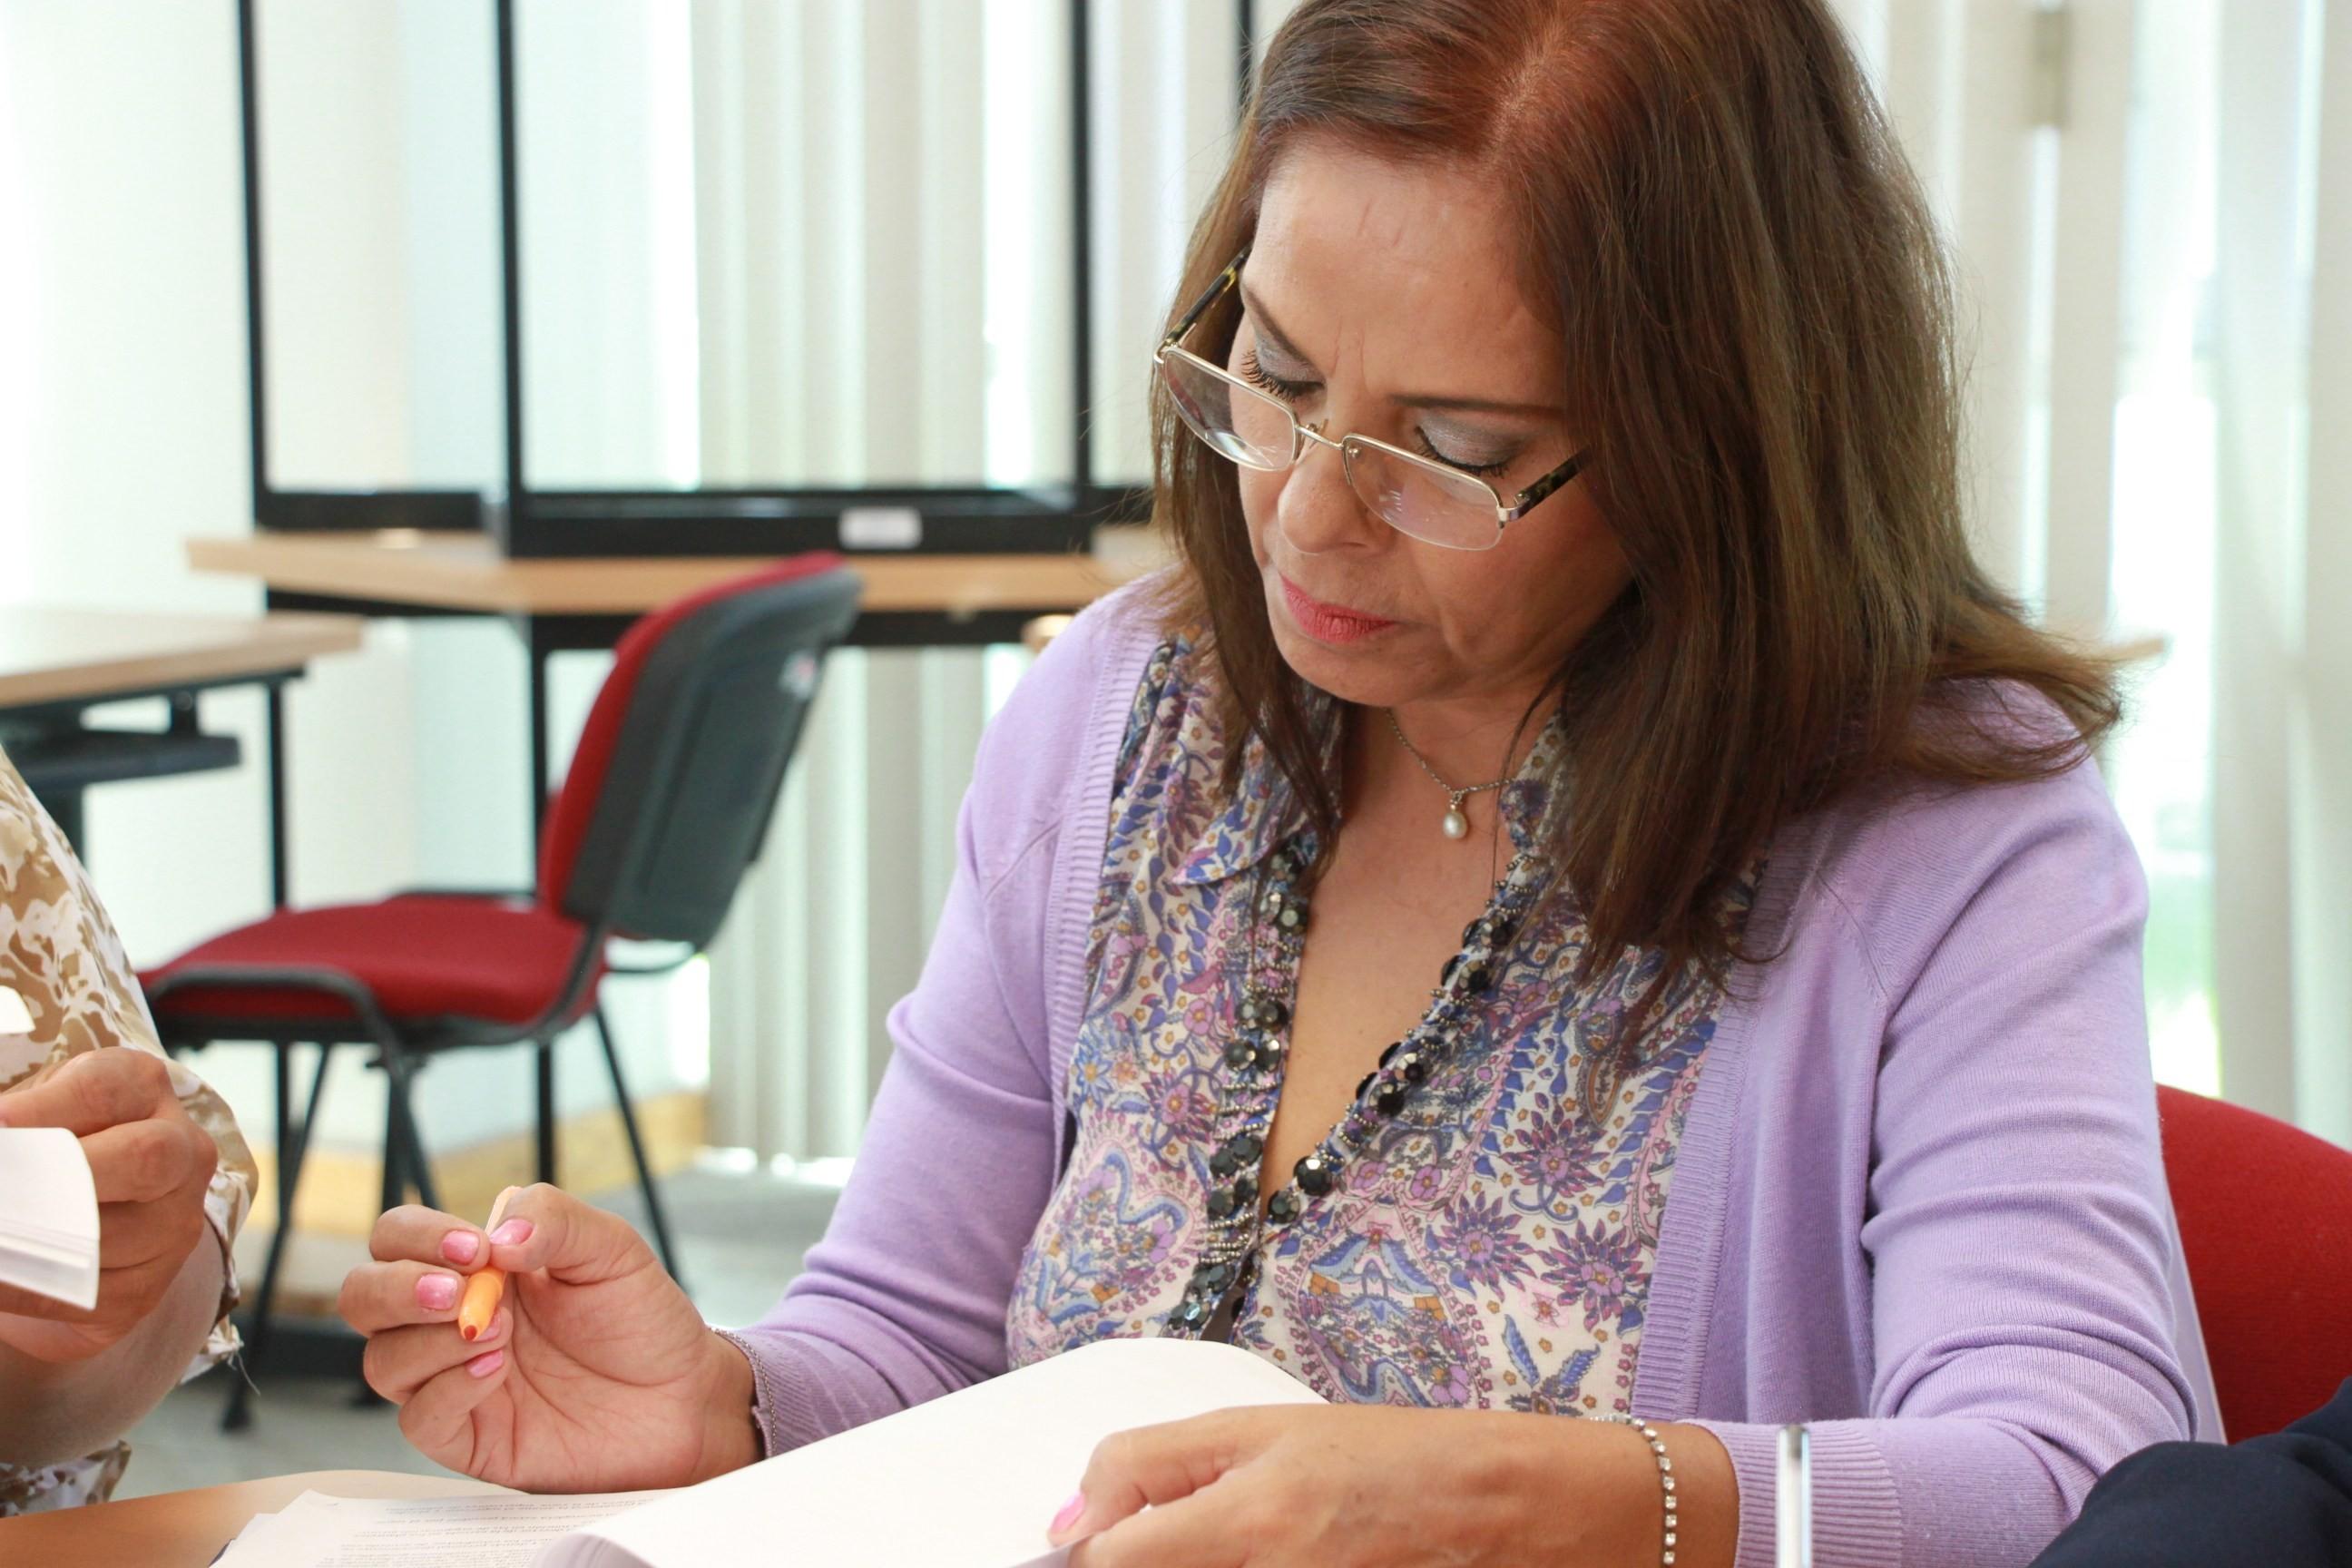 Instituto de Educaci³n de Aguascalientes convoca a docentes y técnico docentes a ofrecer tutora a personal de nuevo ingreso en educaci³n básica